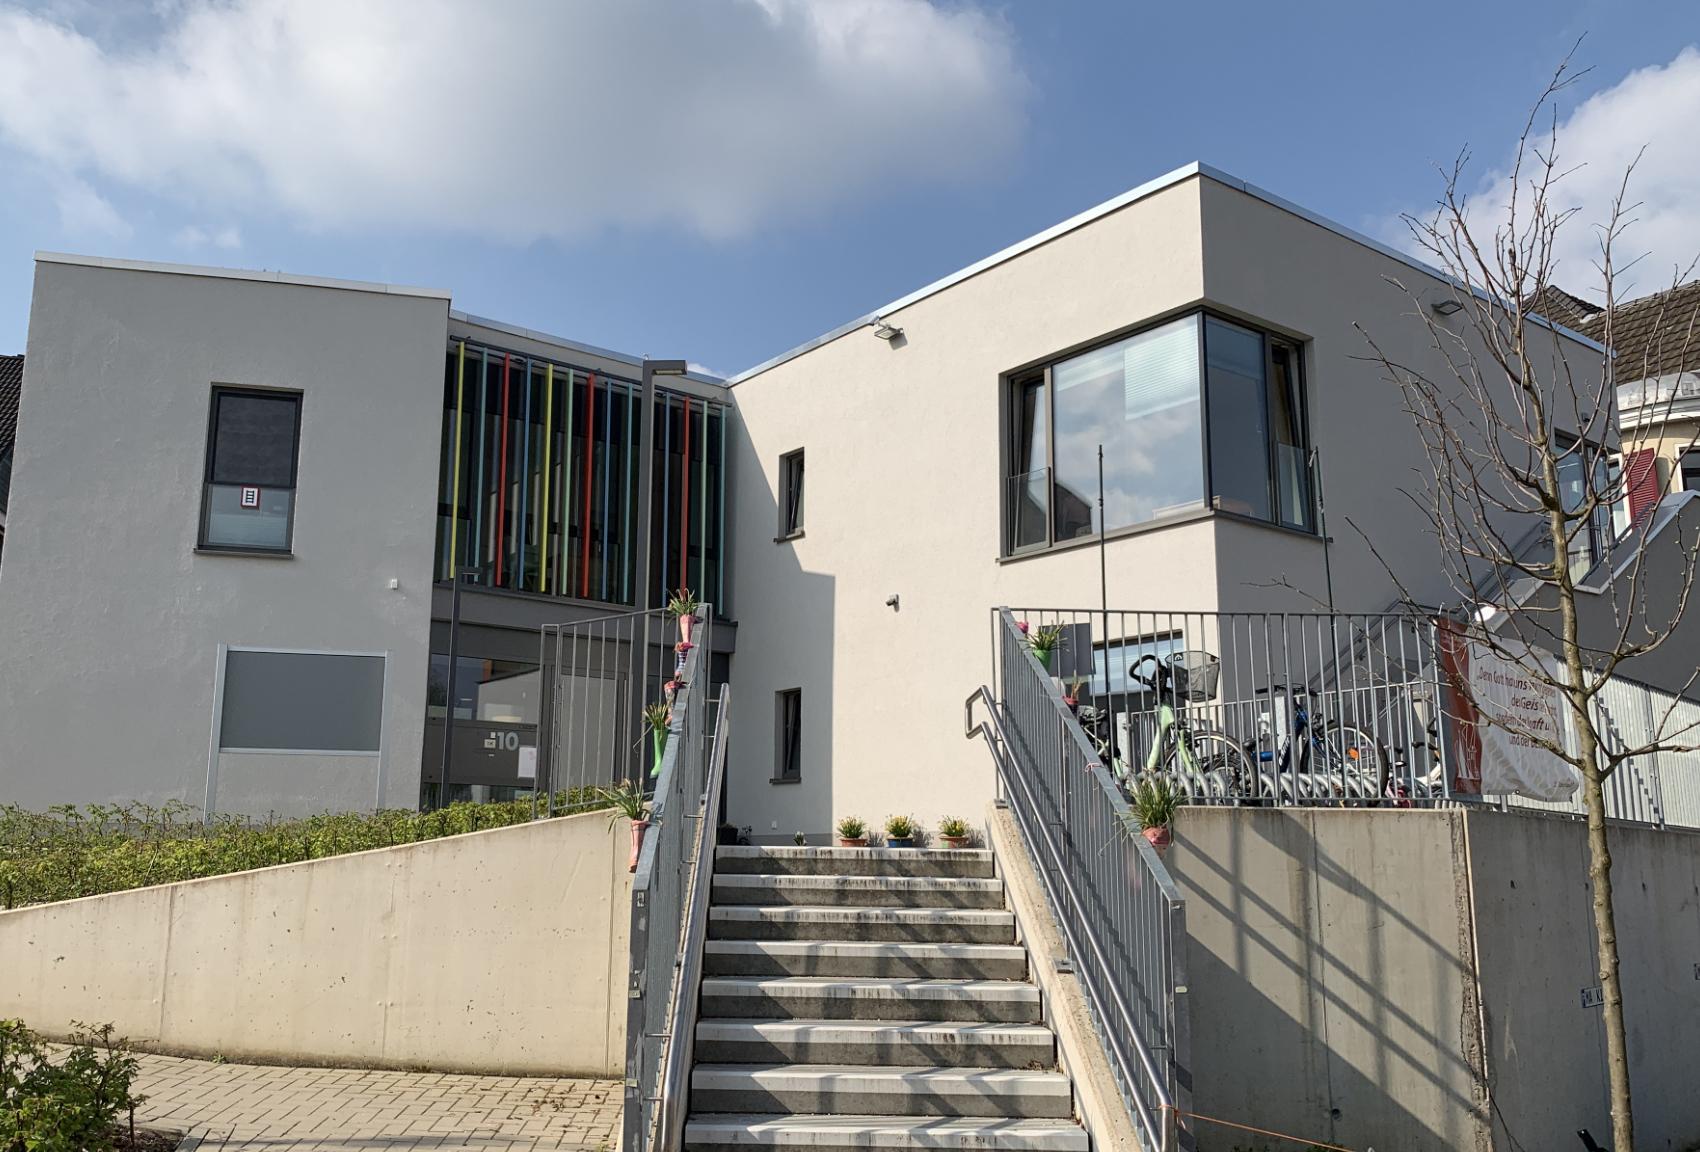 Kindertagesstätte Rösrath Haustüren & Fenster